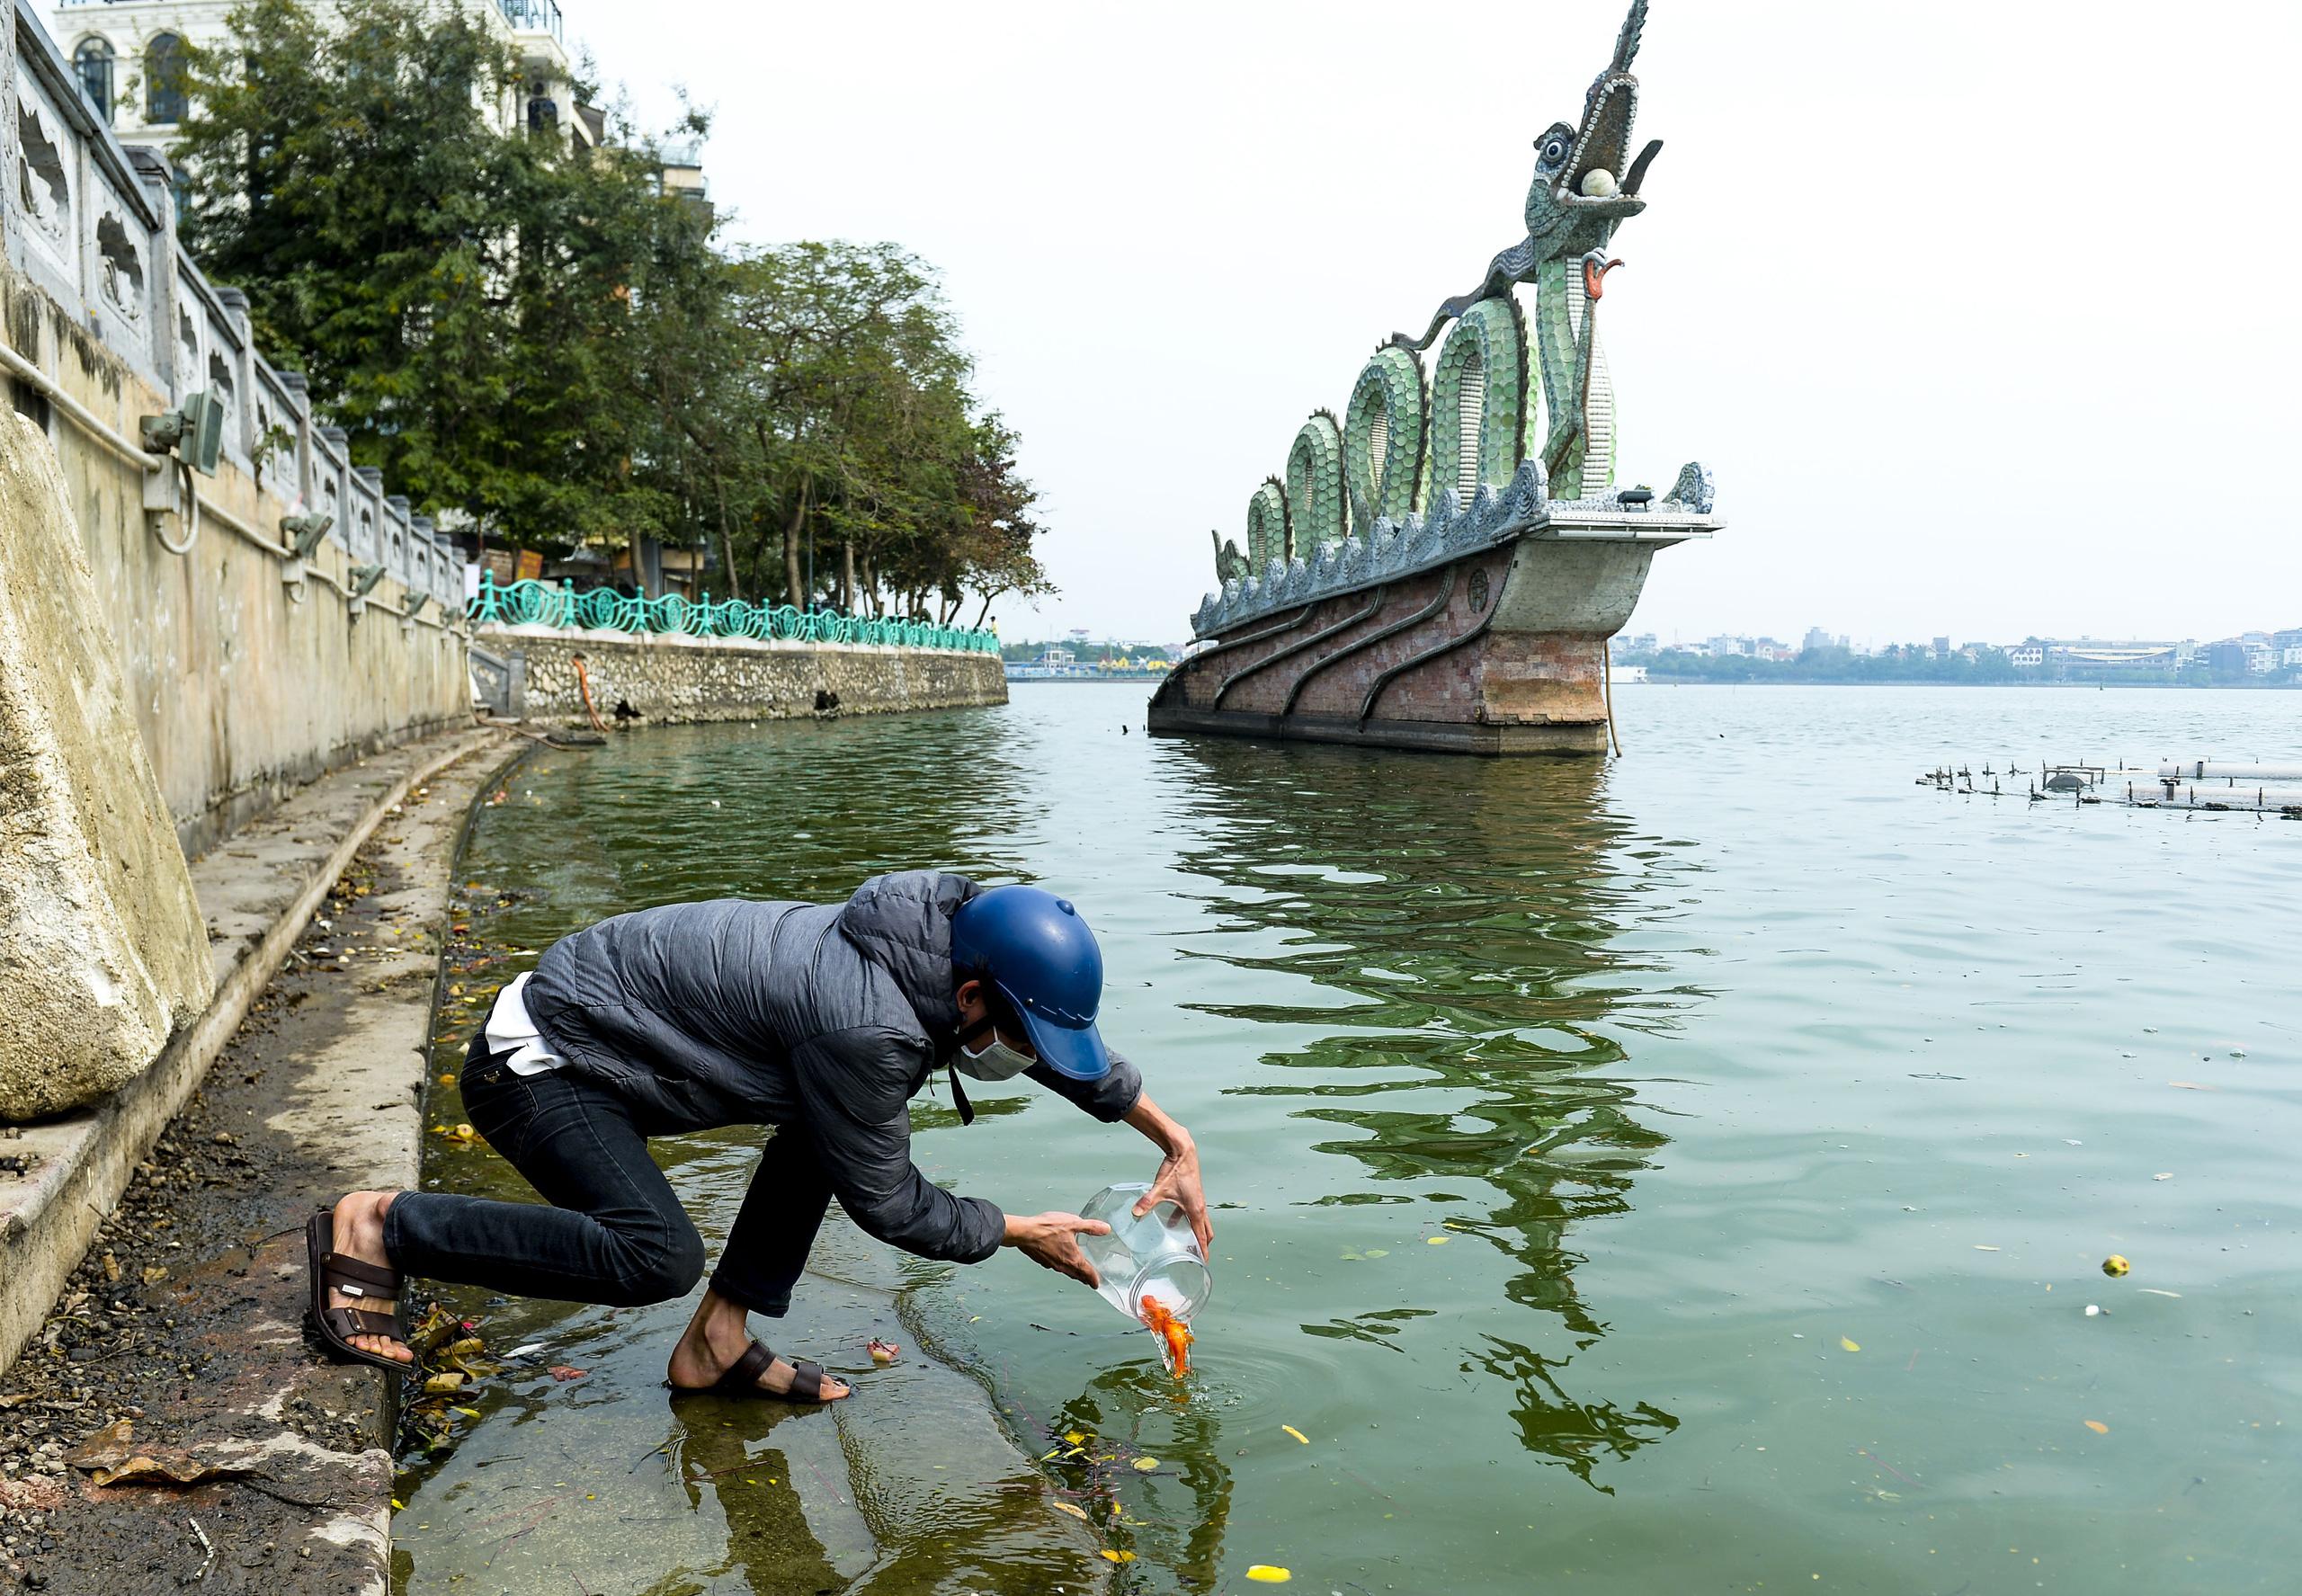 Người phụ nữ thả 3 con cá chép nặng gần 3kg xuống Hồ Tây tiễn ông Công, ông Táo về trời sớm - Ảnh 1.